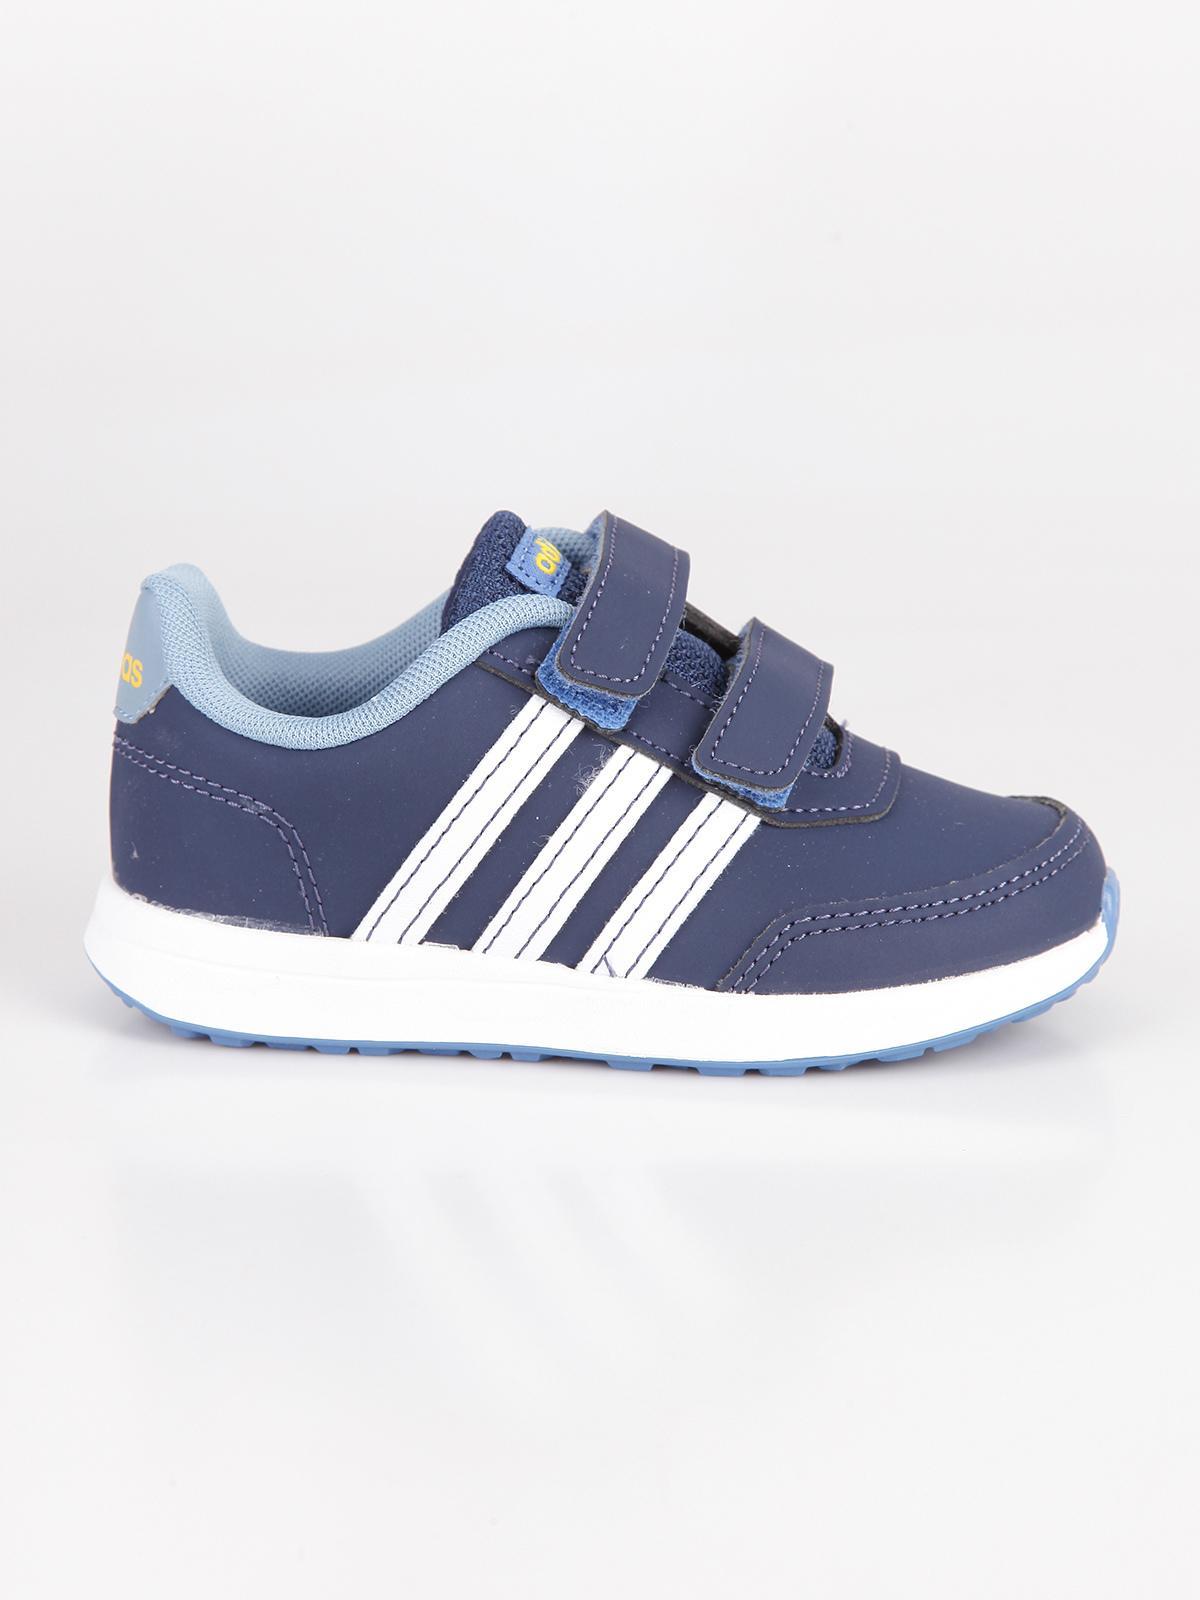 Dettagli su Scarpe Adidas Vs Switch 2 bambino blu sportive con strappo